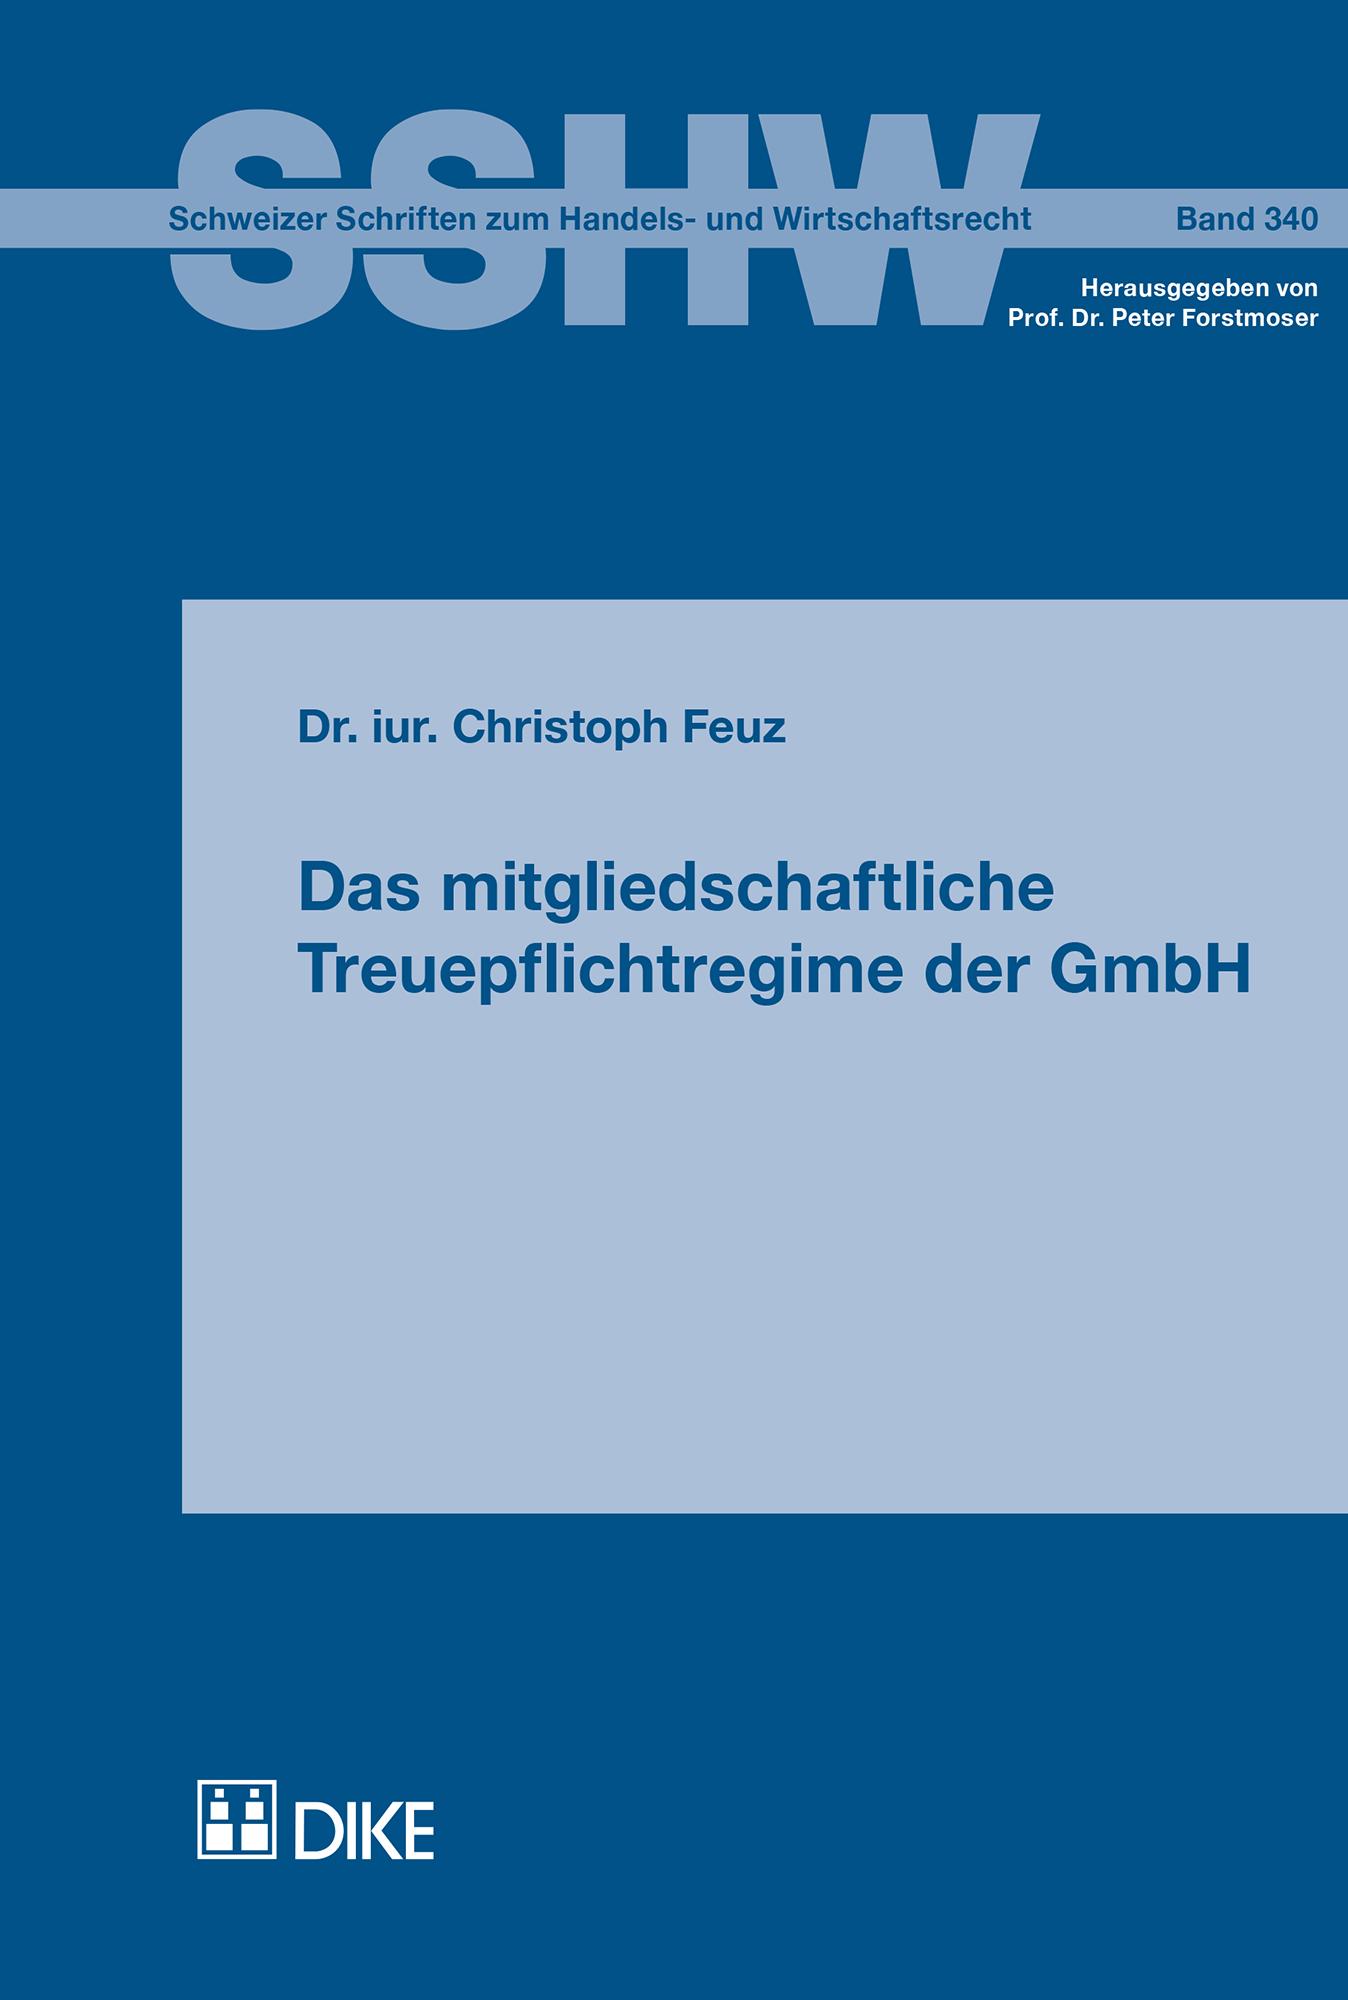 Das mitgliedschaftliche Treuepflichtregime der GmbH